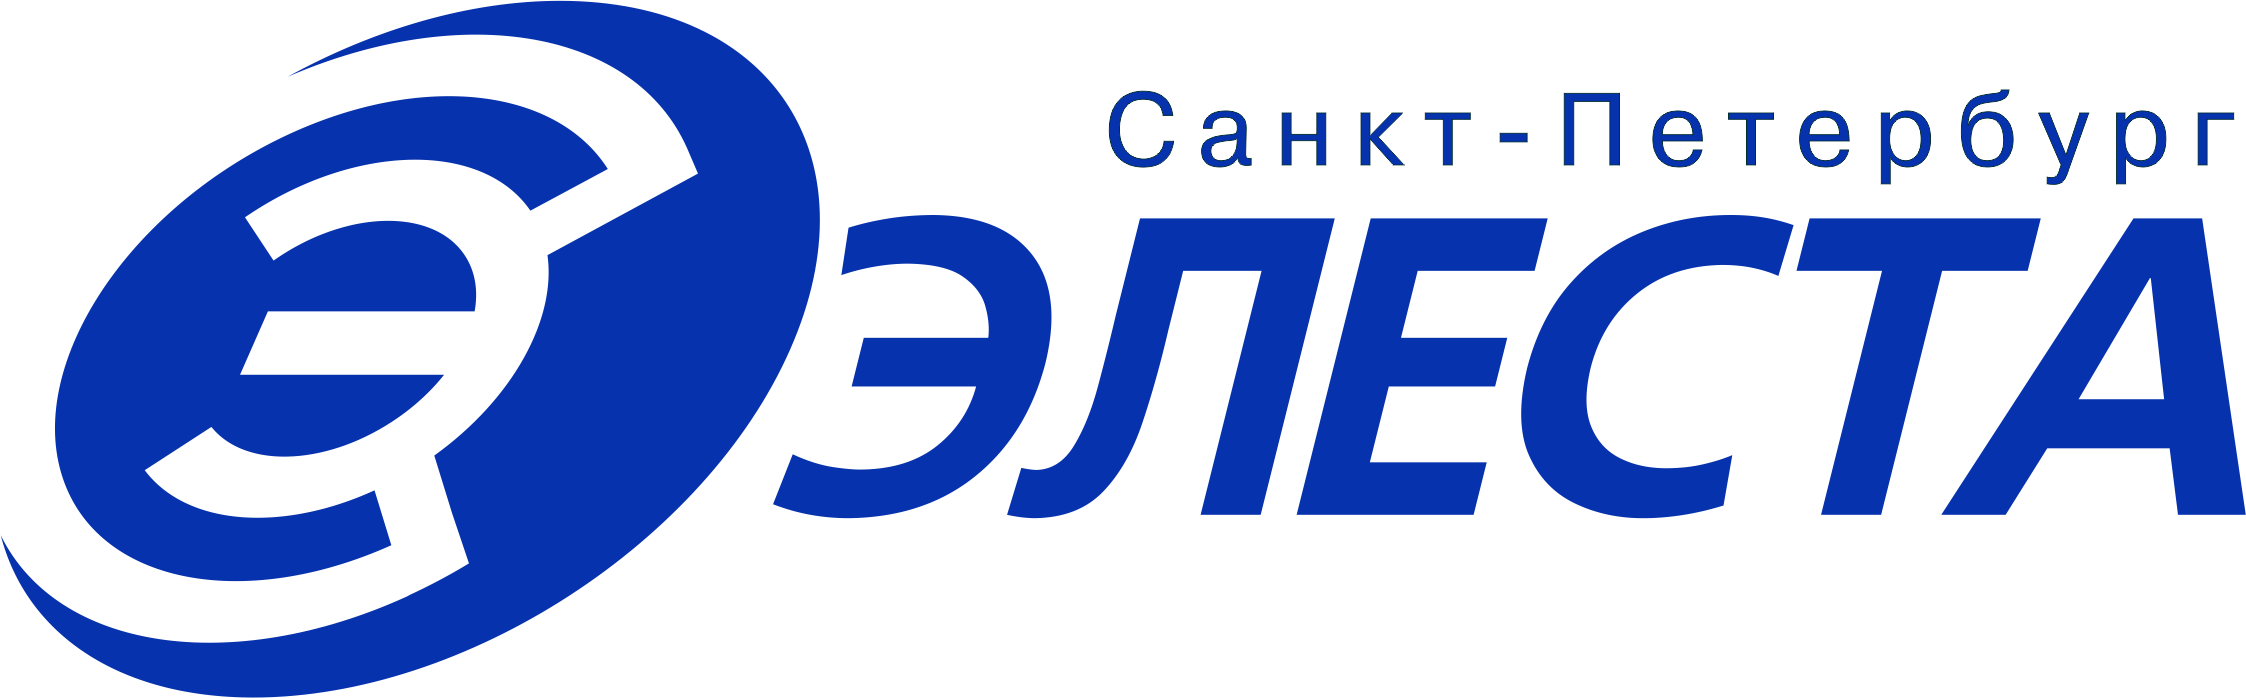 Кабельные органайзеры Элеста